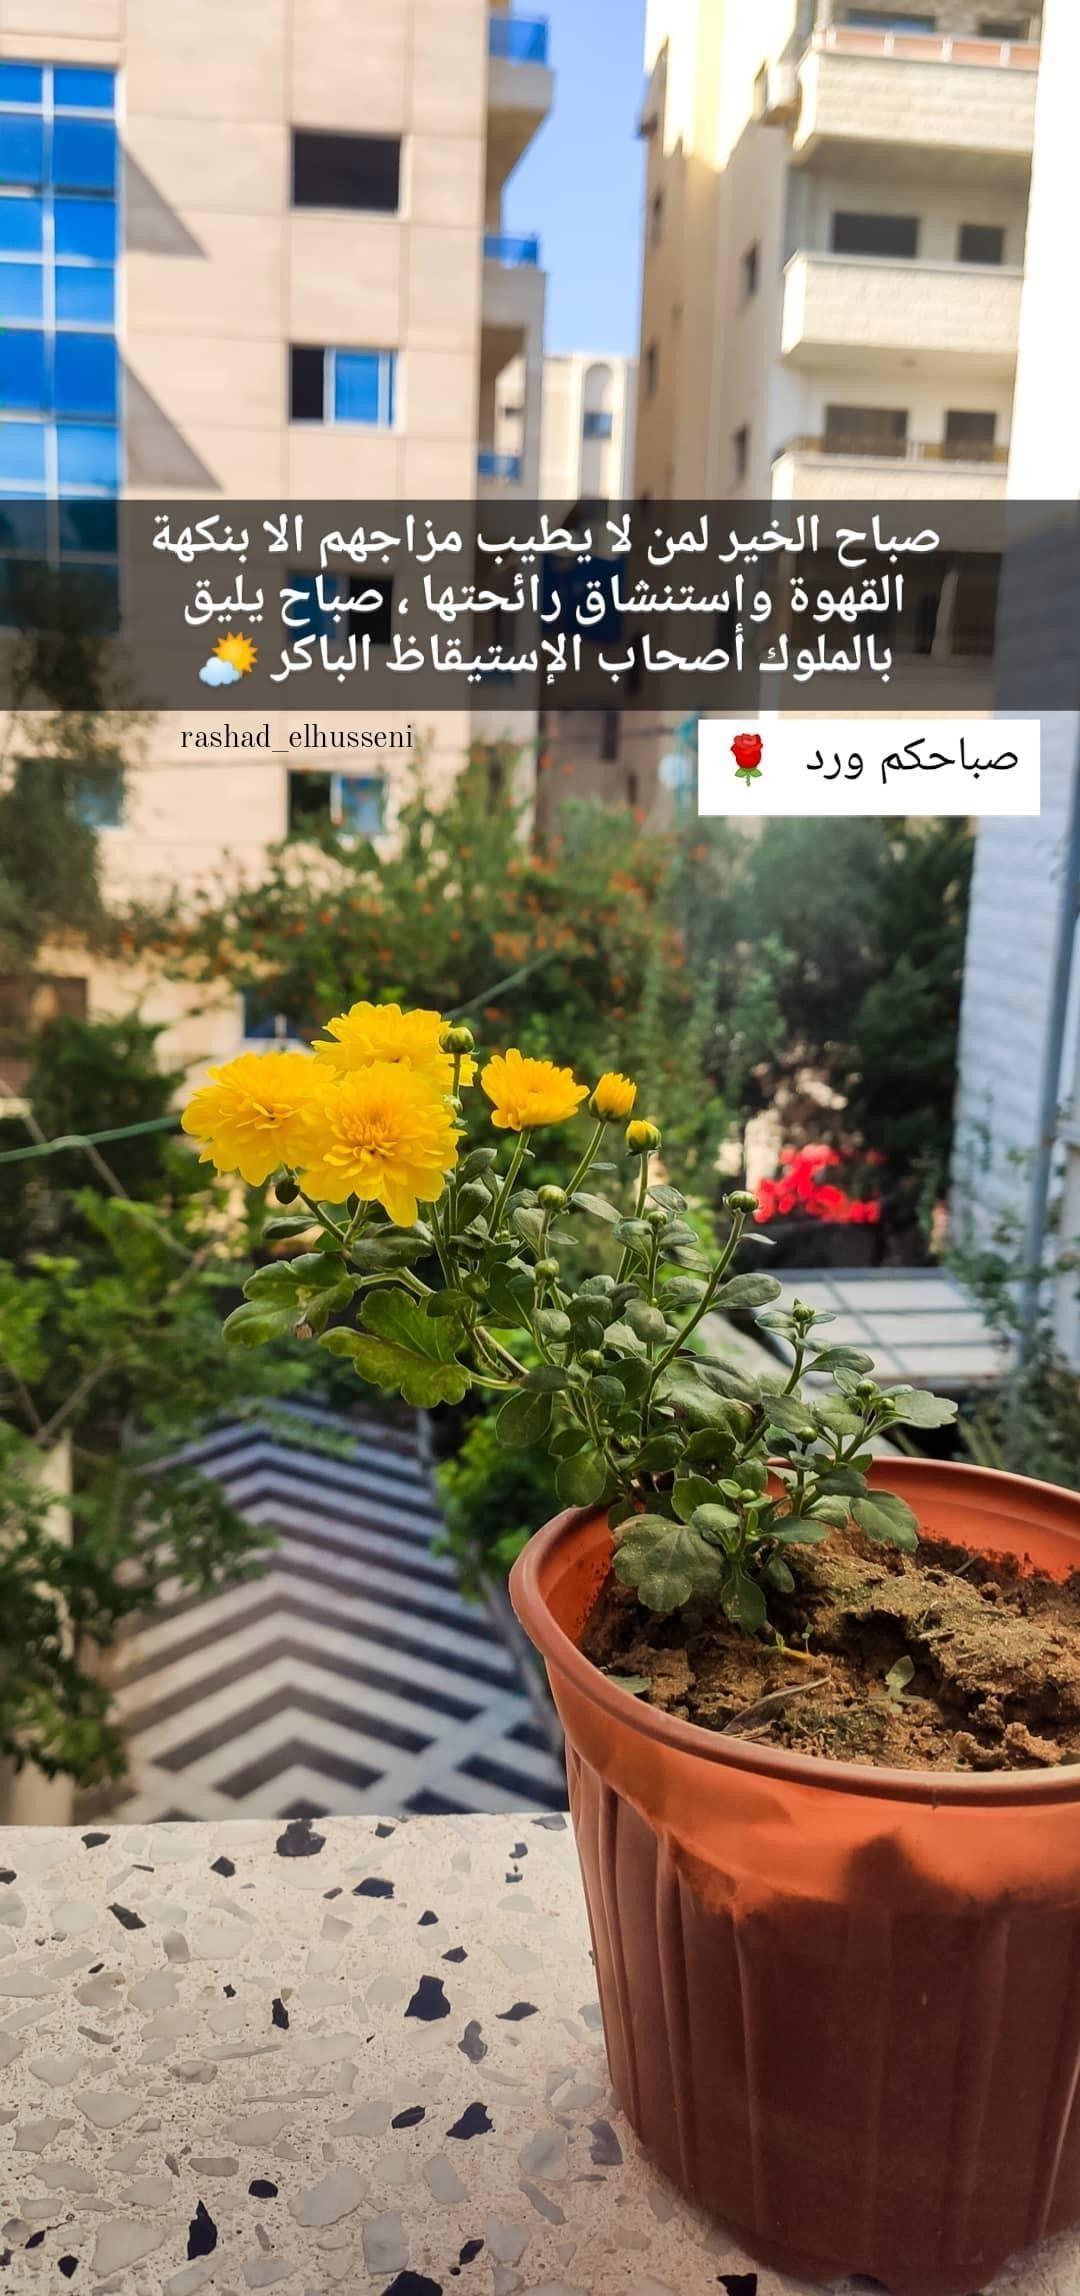 ورد أصفر طبيعة شجر اصفر غزة طبيعة جميل فلسطين القدس كلام تصوير صور ابيض صباح خير صل Plants